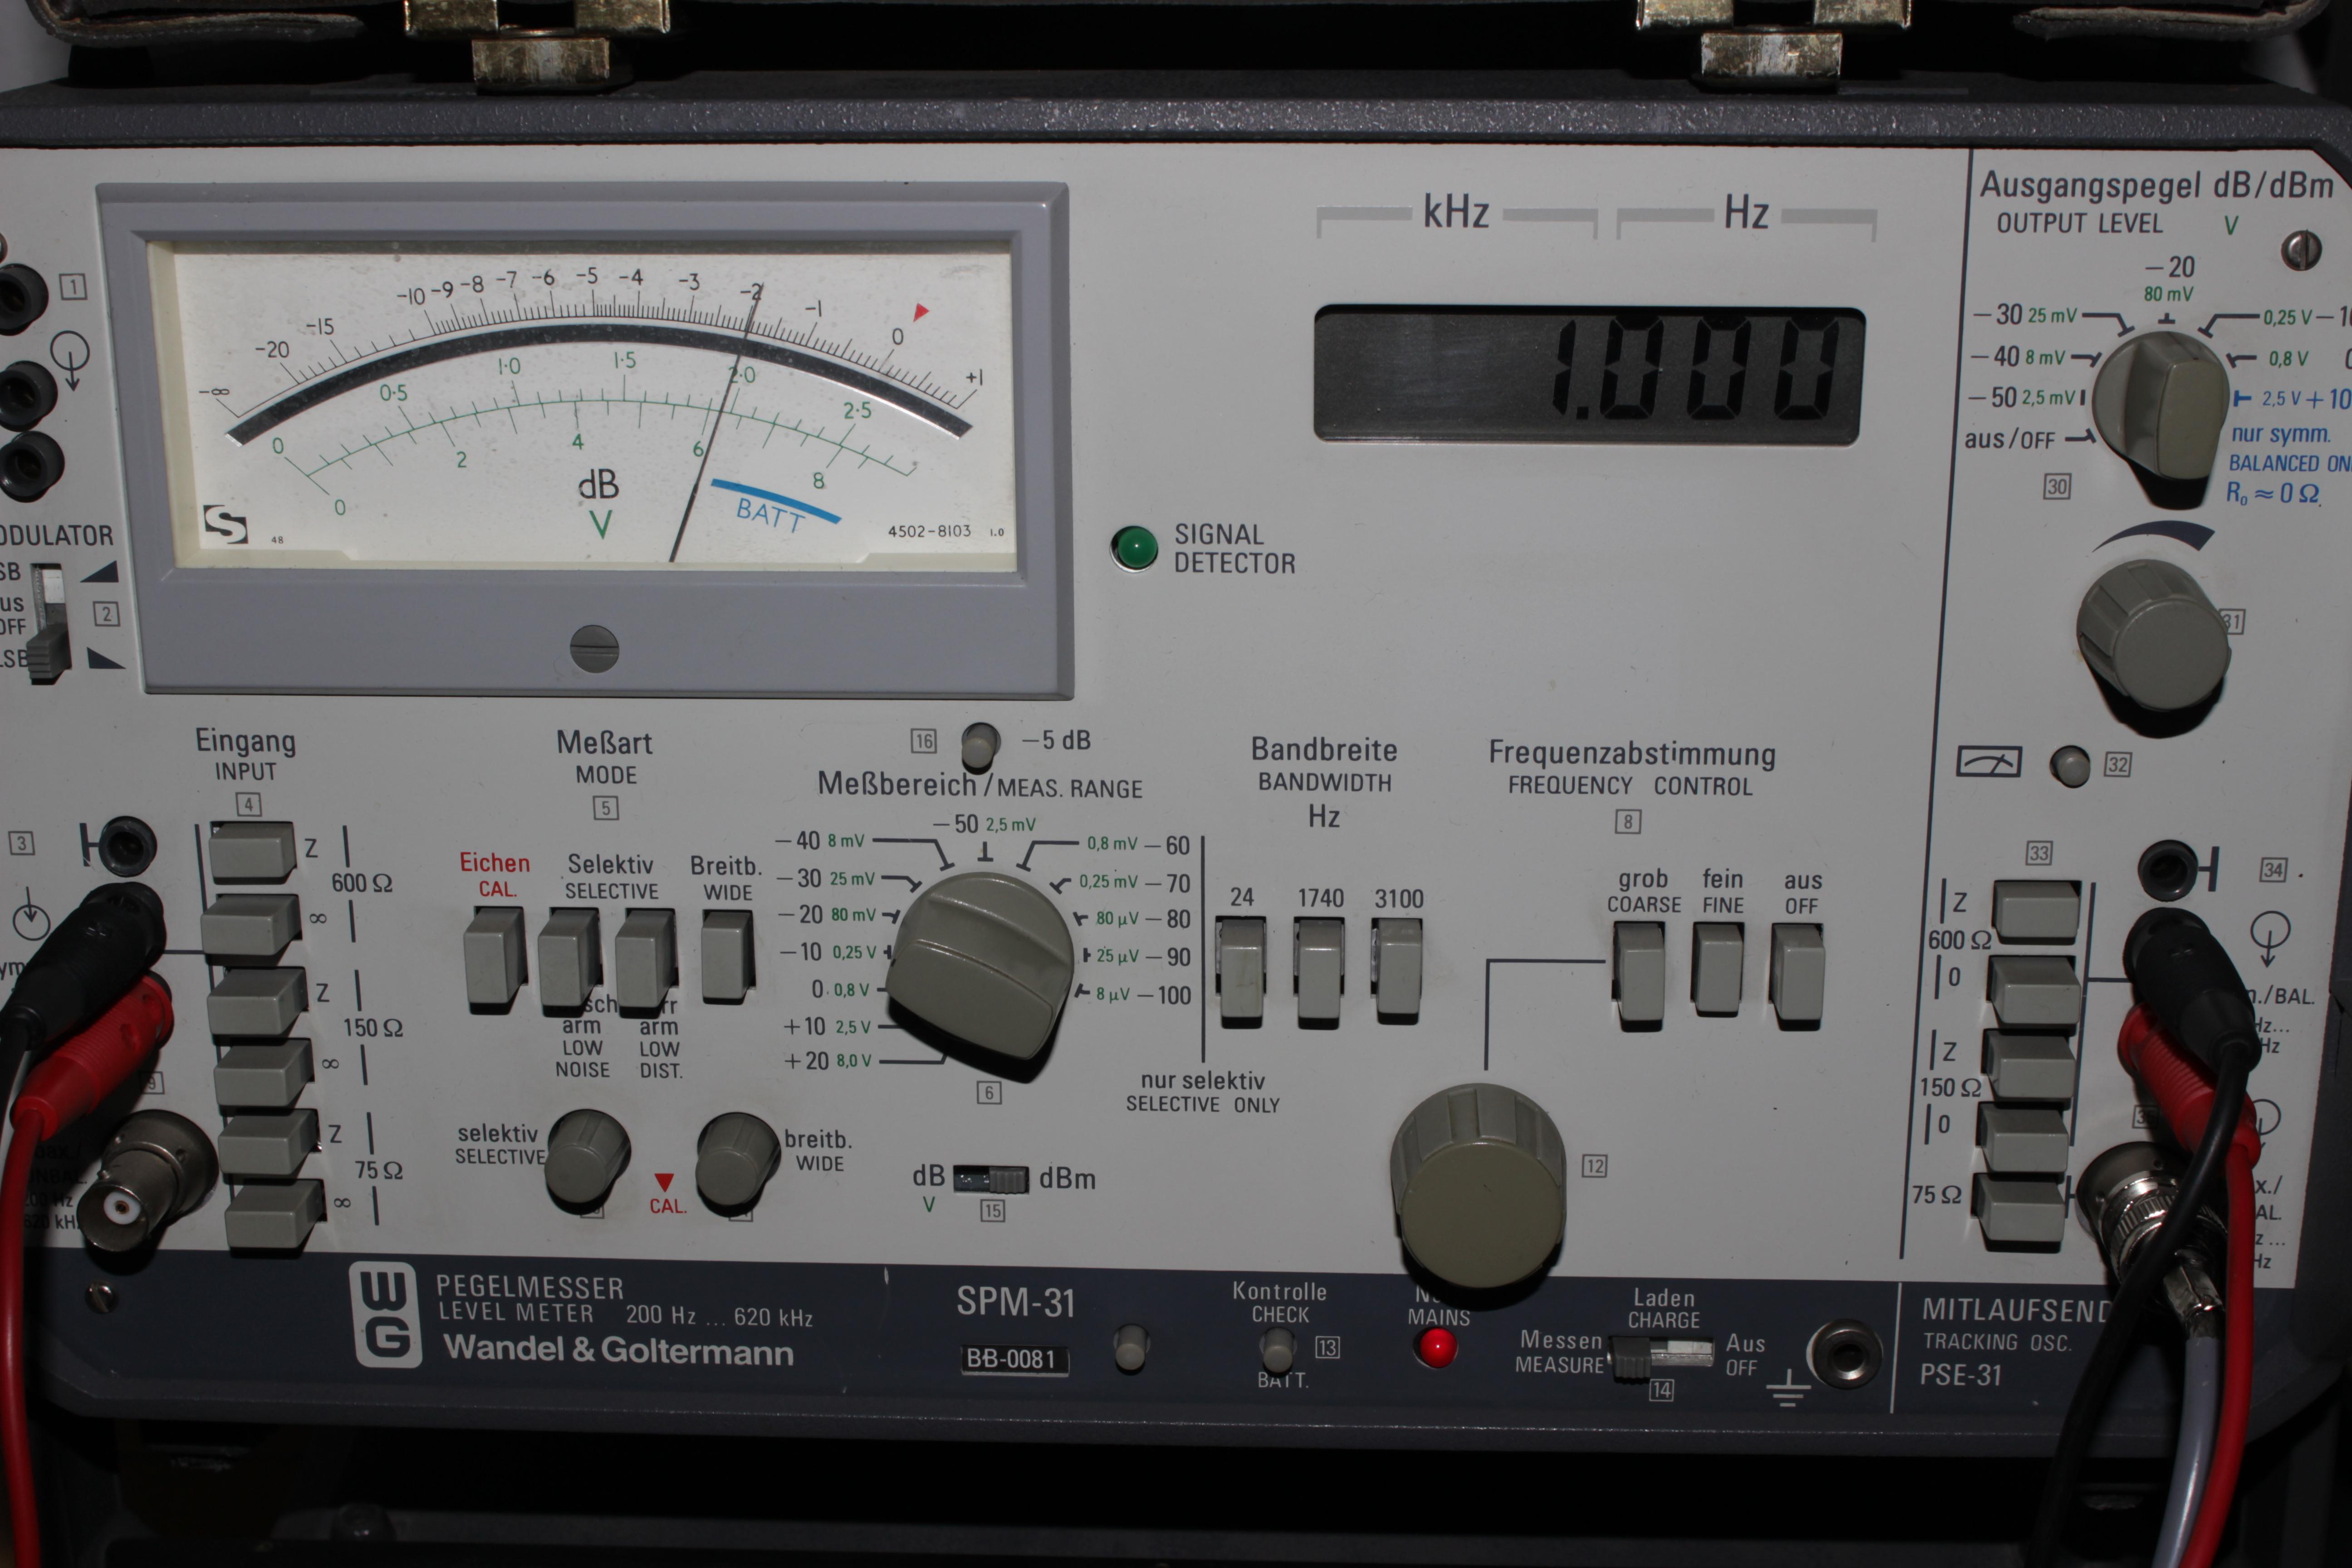 Medidor de nivel de señal en dBm